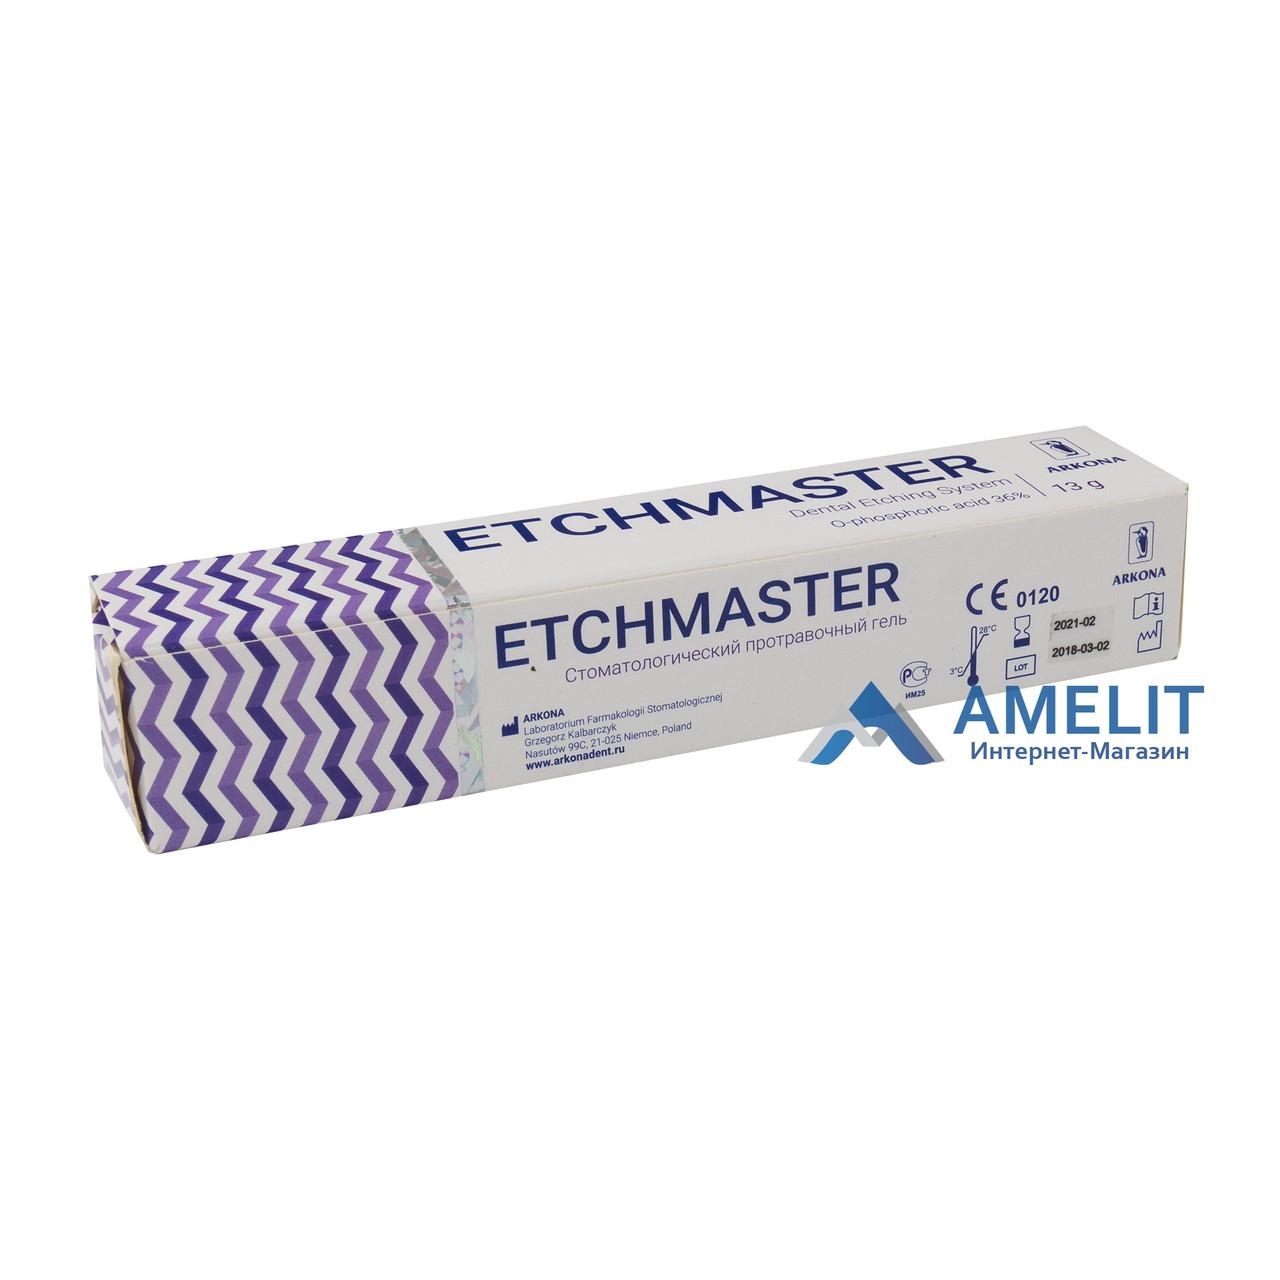 Гель травильный Эйчмастер, 36% (Etchmaster, Arcona), шприц 13г